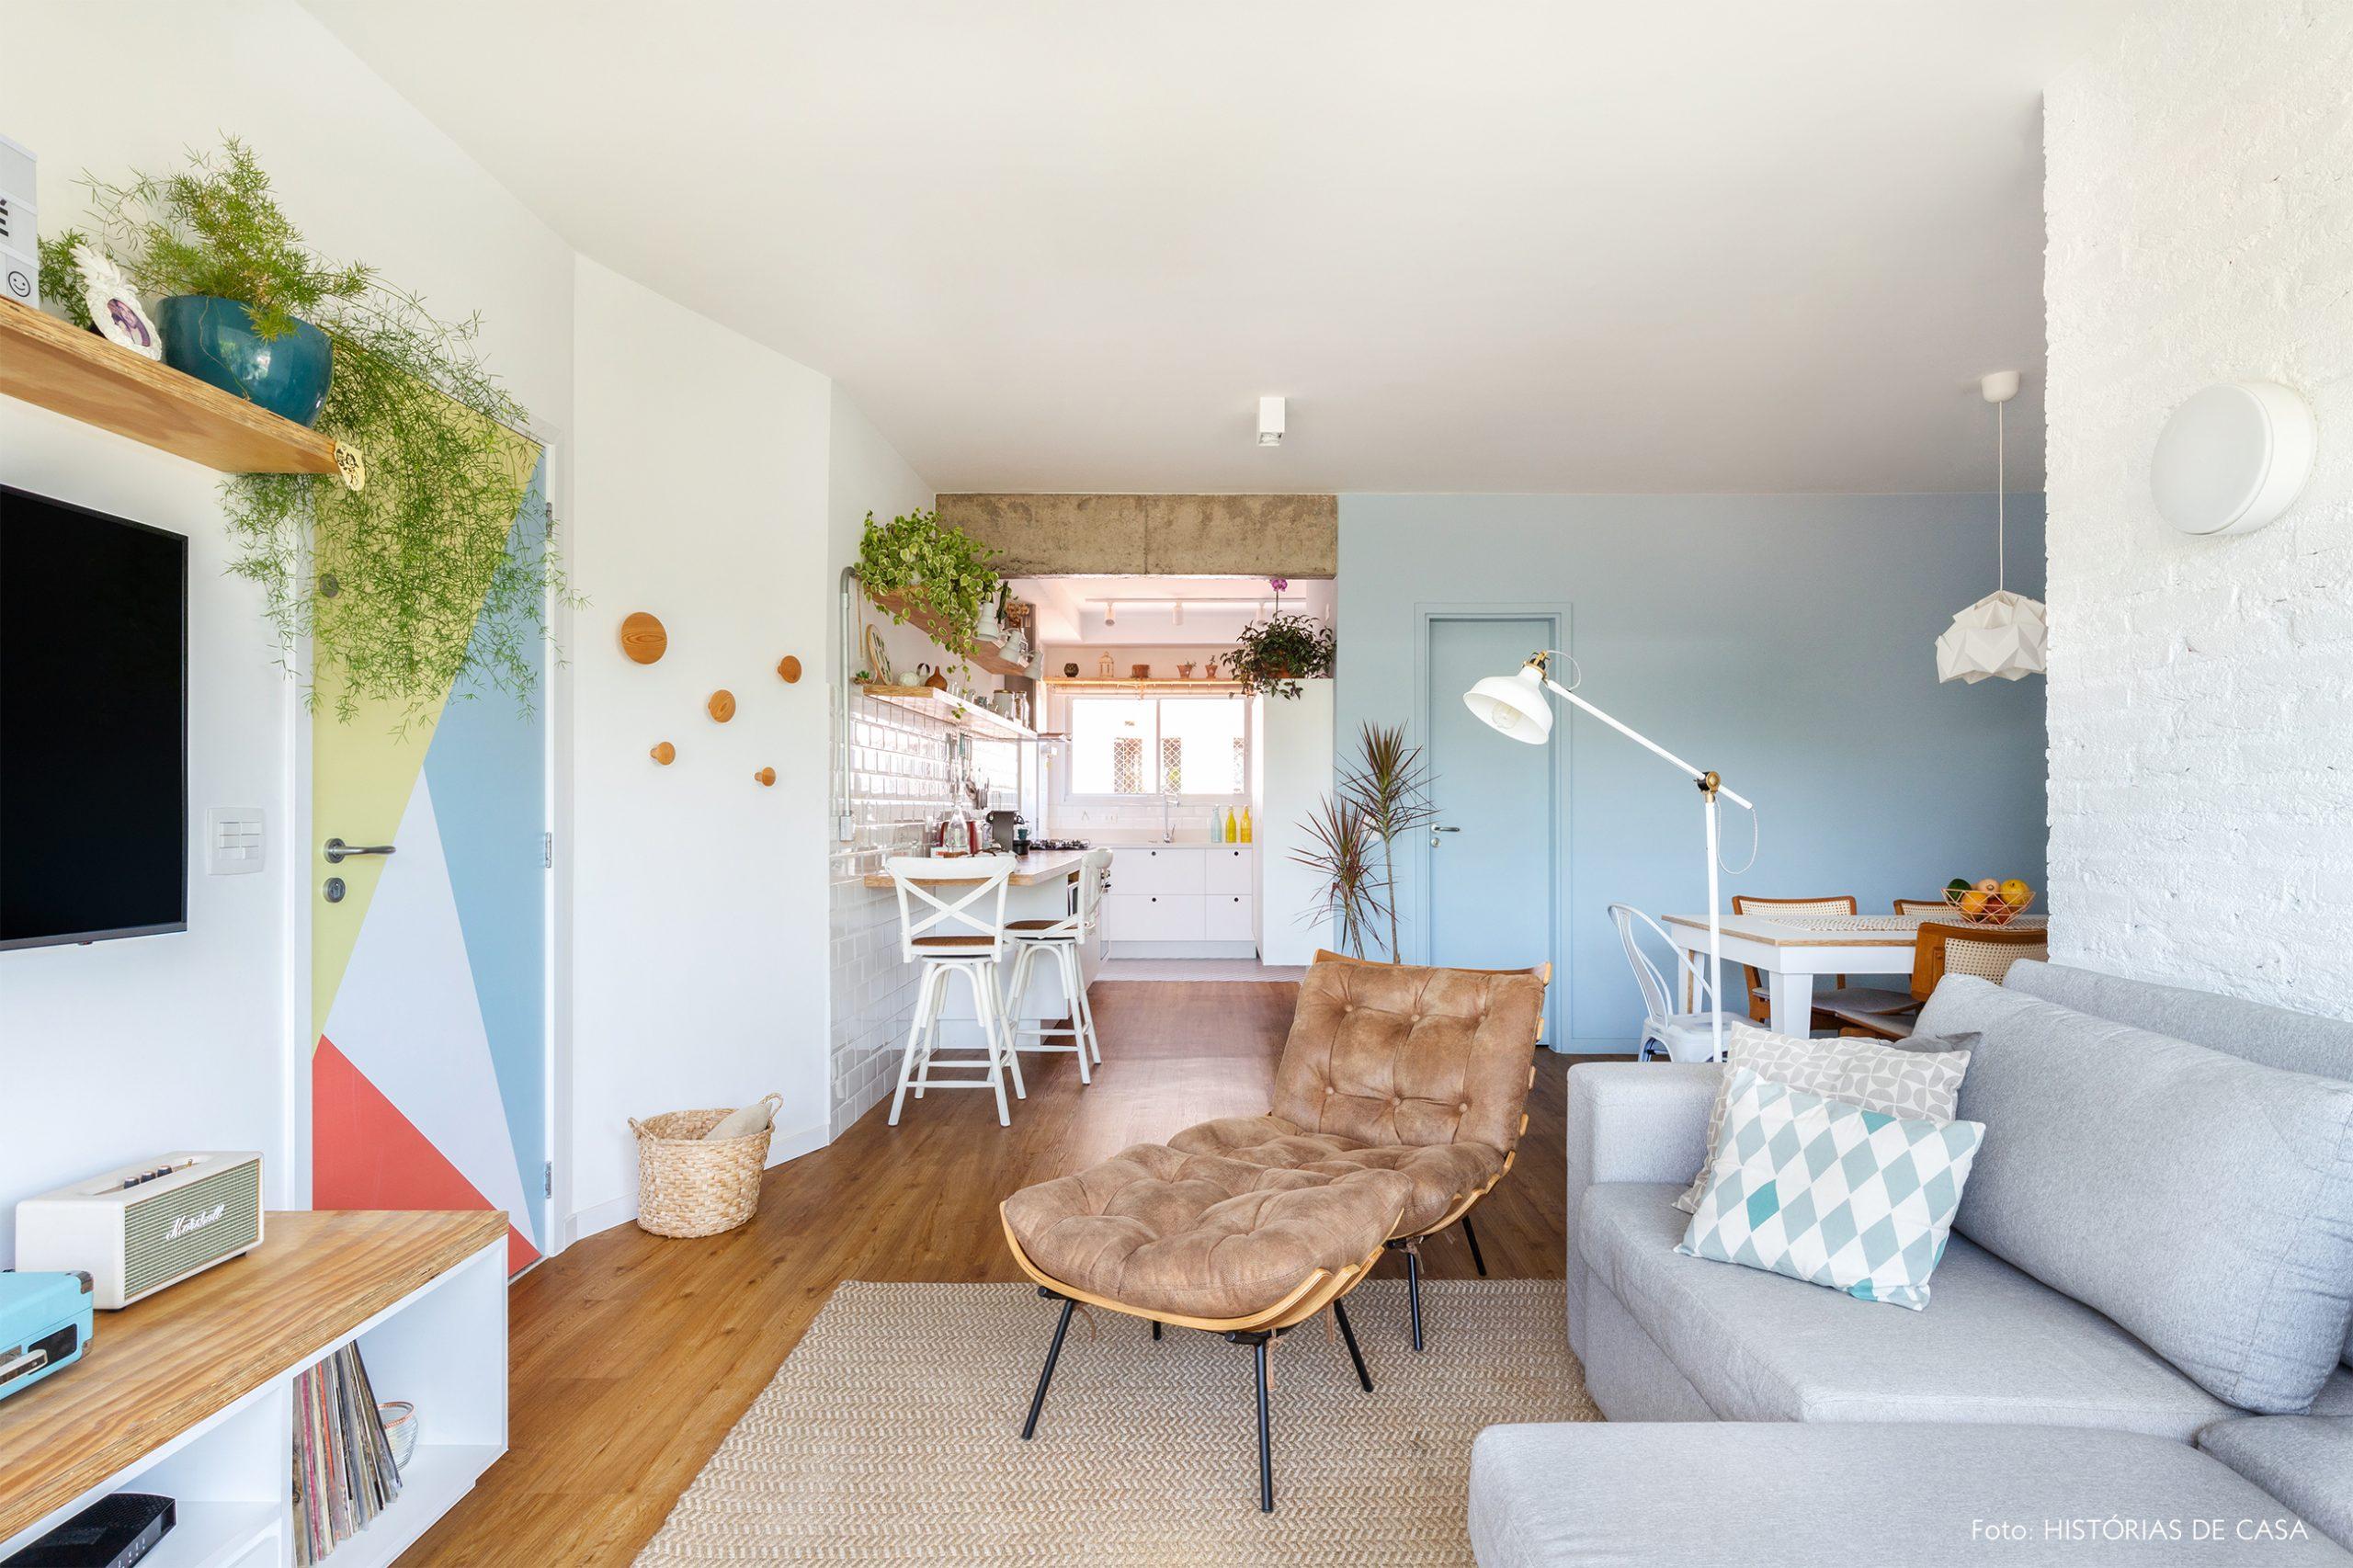 decoração sala com poltrona, porta com adesivo e cesto